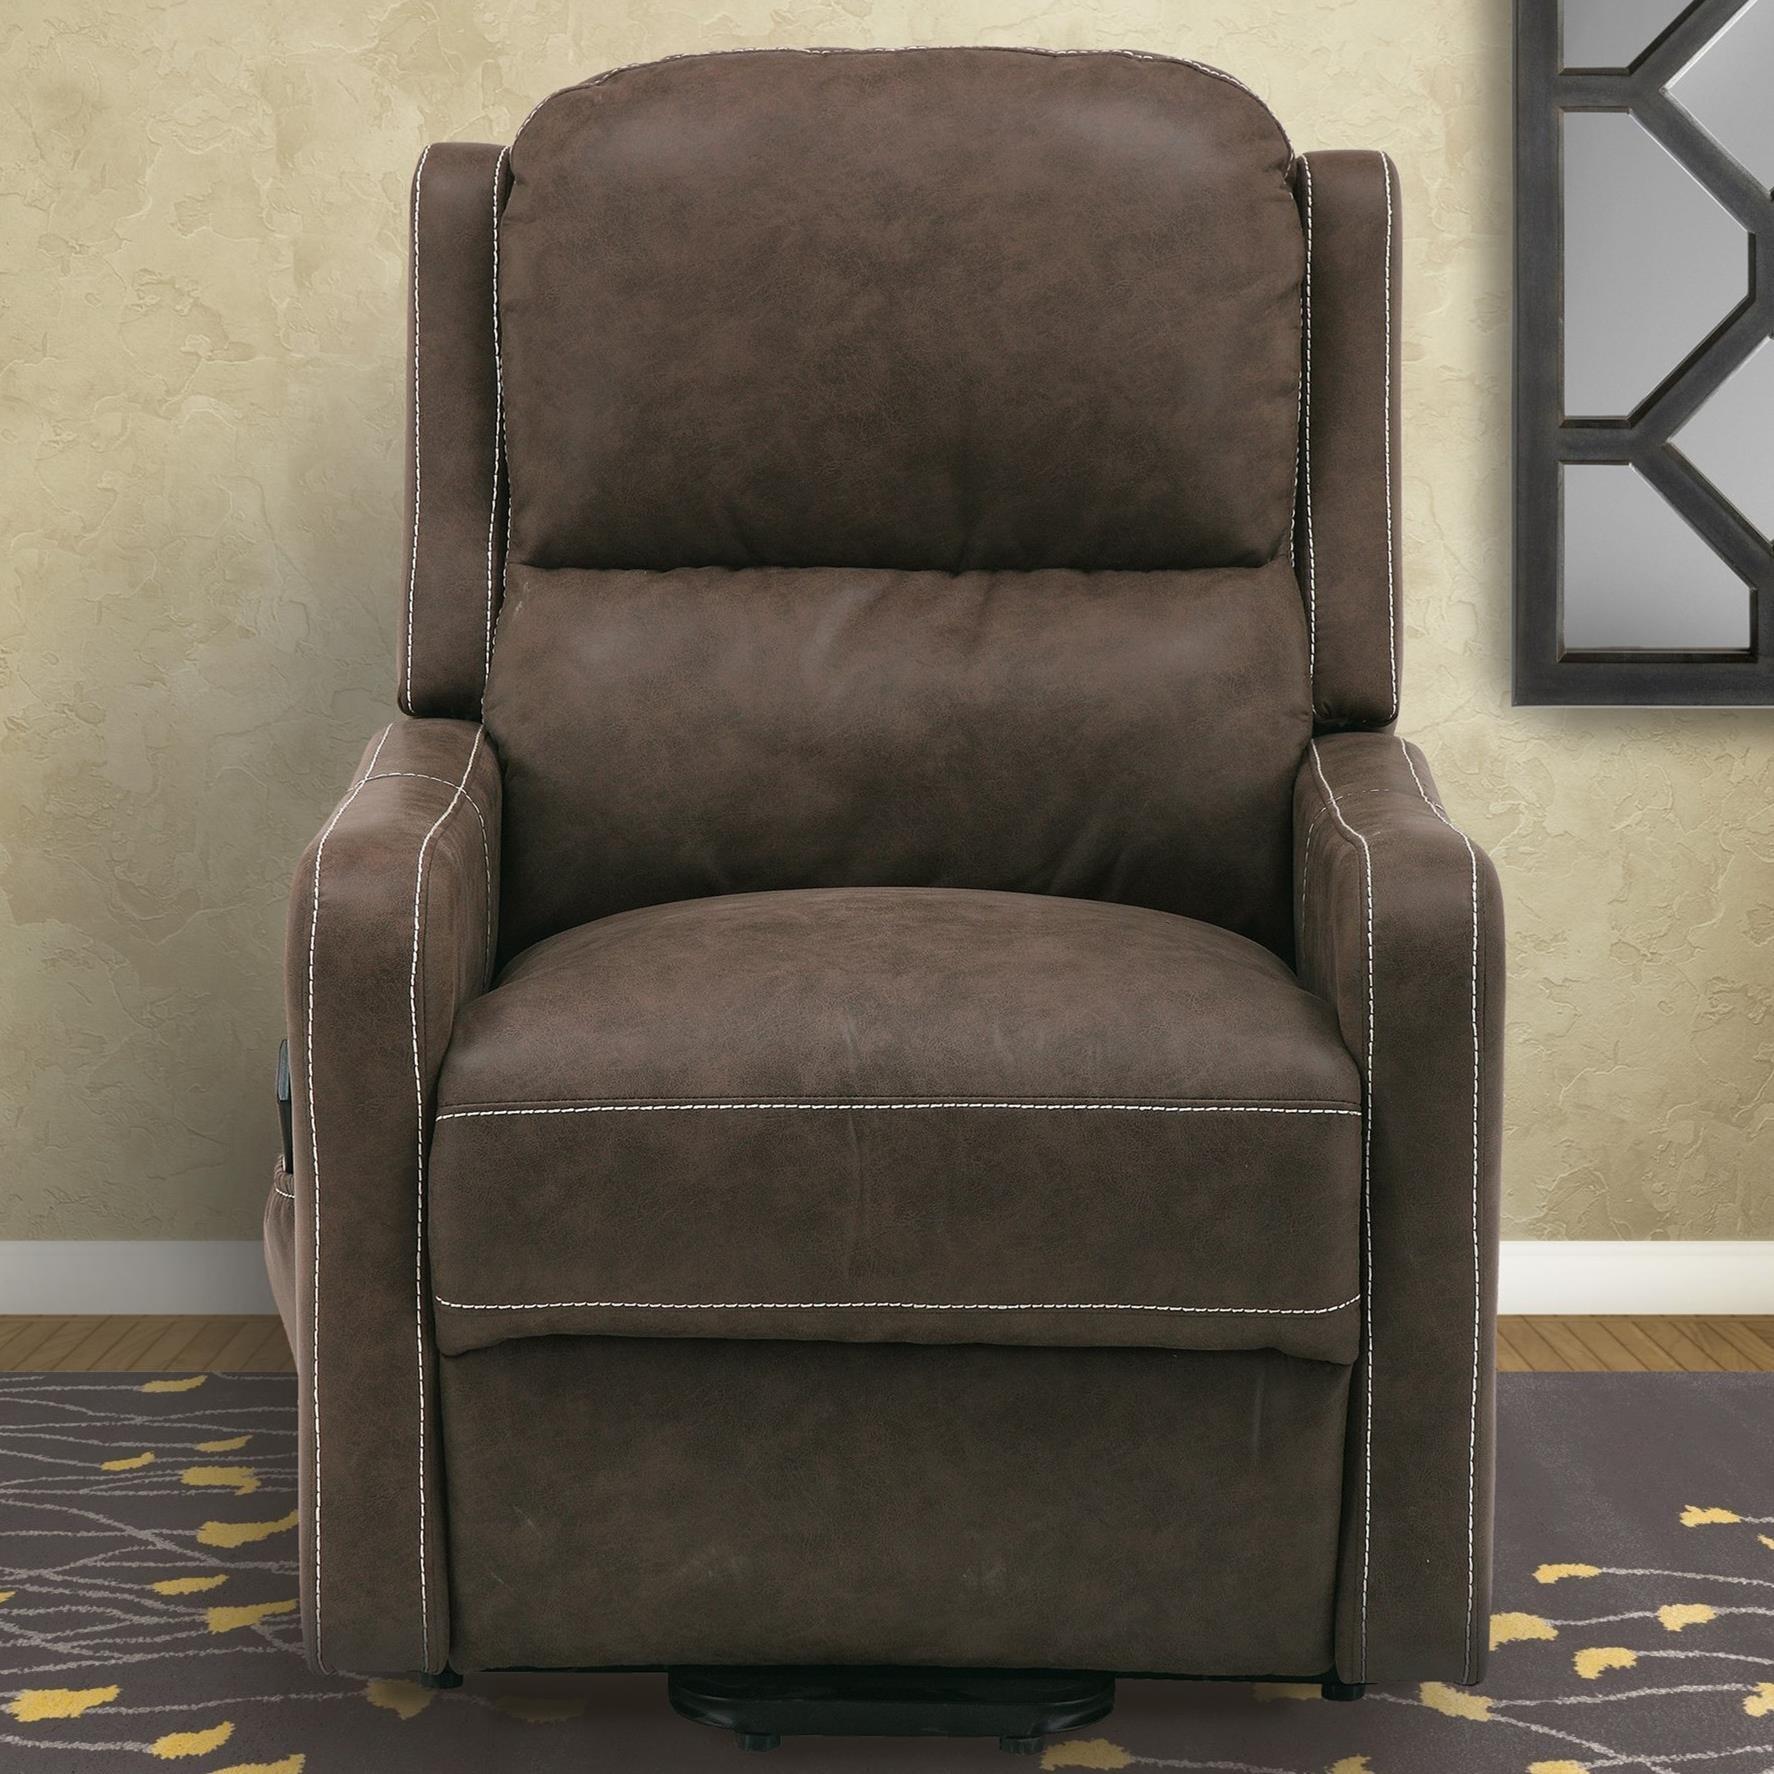 Parker Living Joplin Reclining Lay Flat Lift Chair - Item Number: MJOP-812L2-CHI